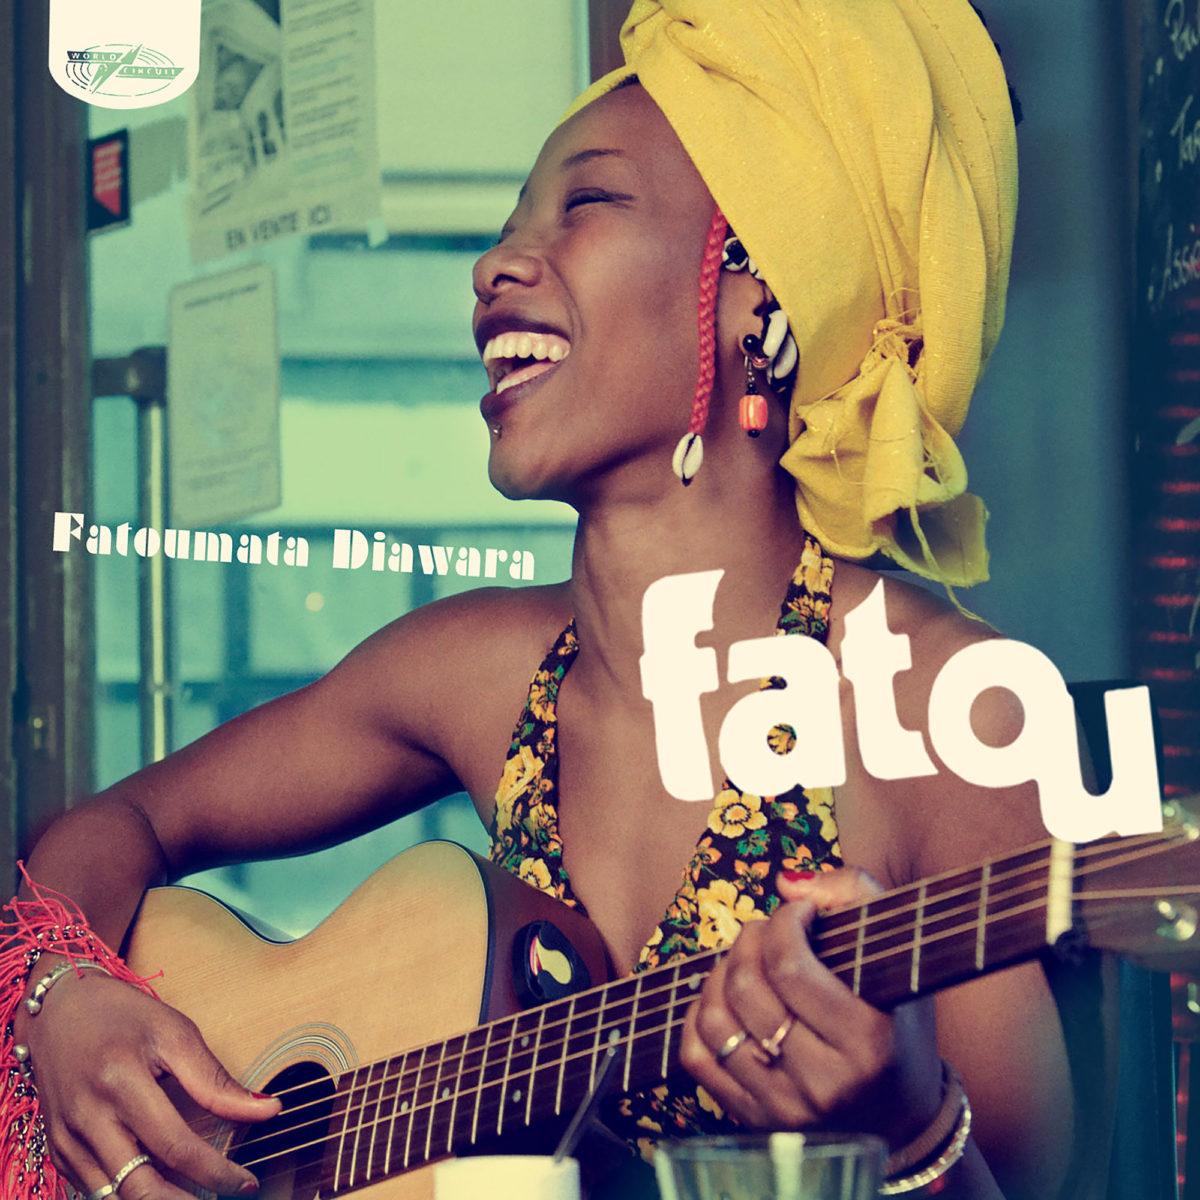 Diawara, Fatoumata: Fatou (2011)